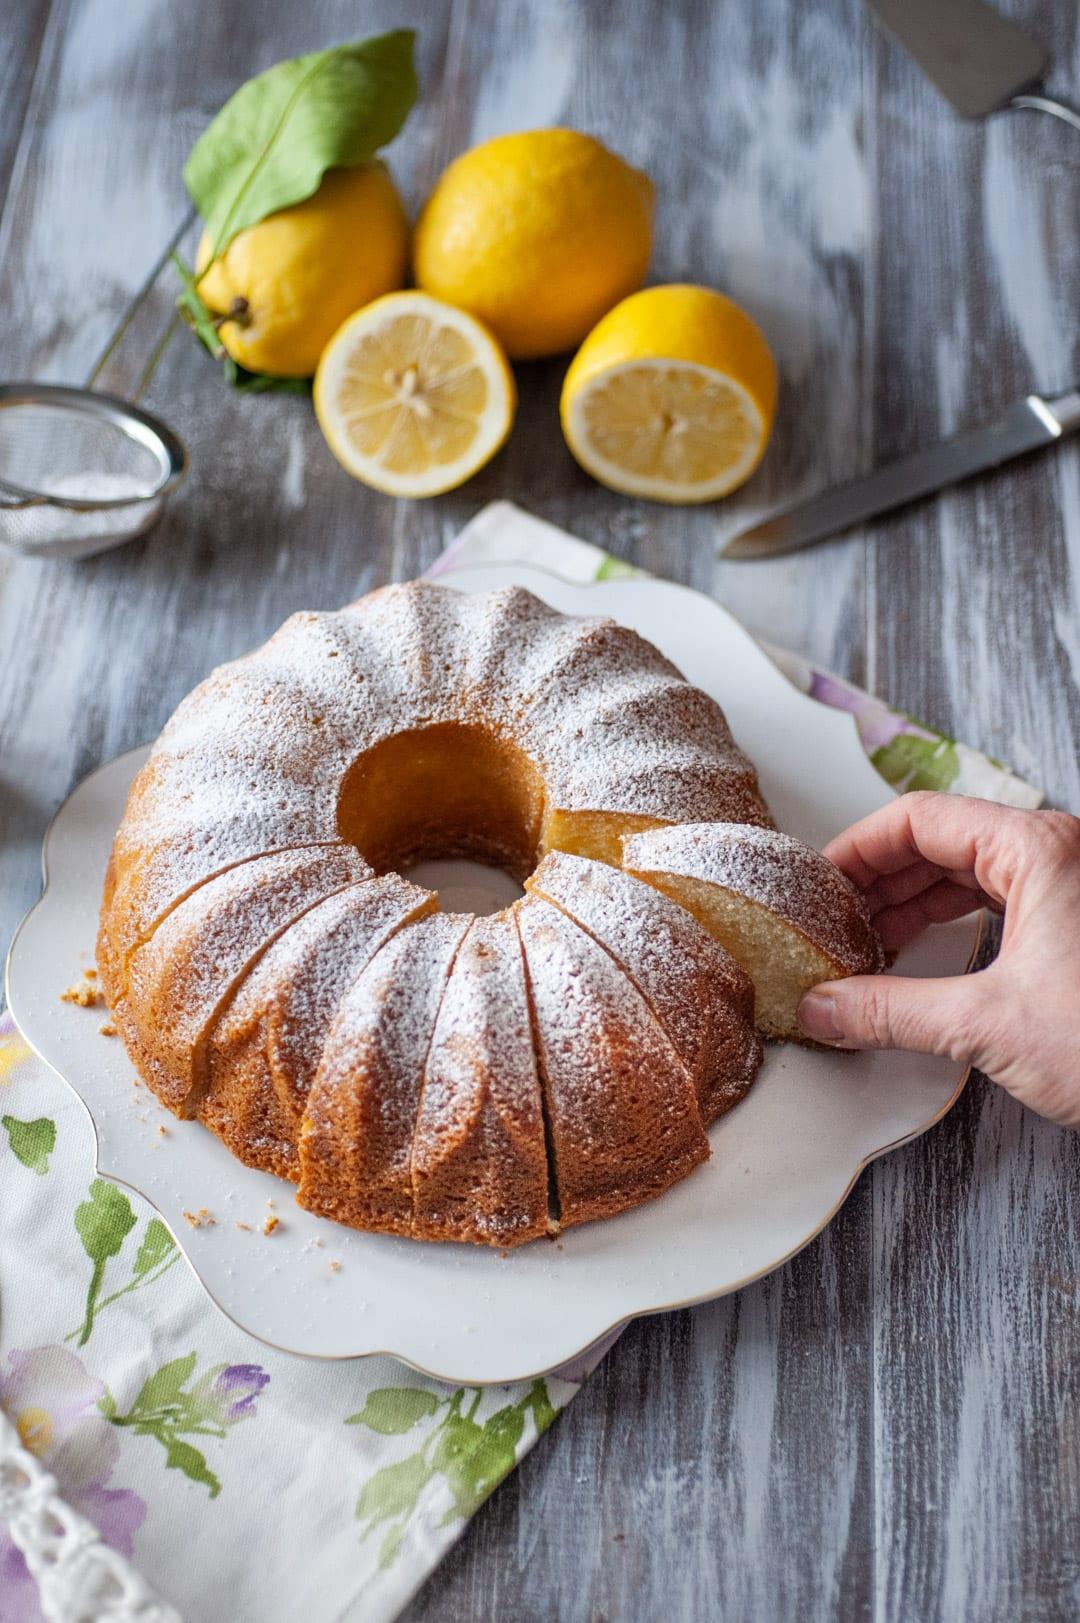 Torta sette vasetti con fetta pronta da gustare